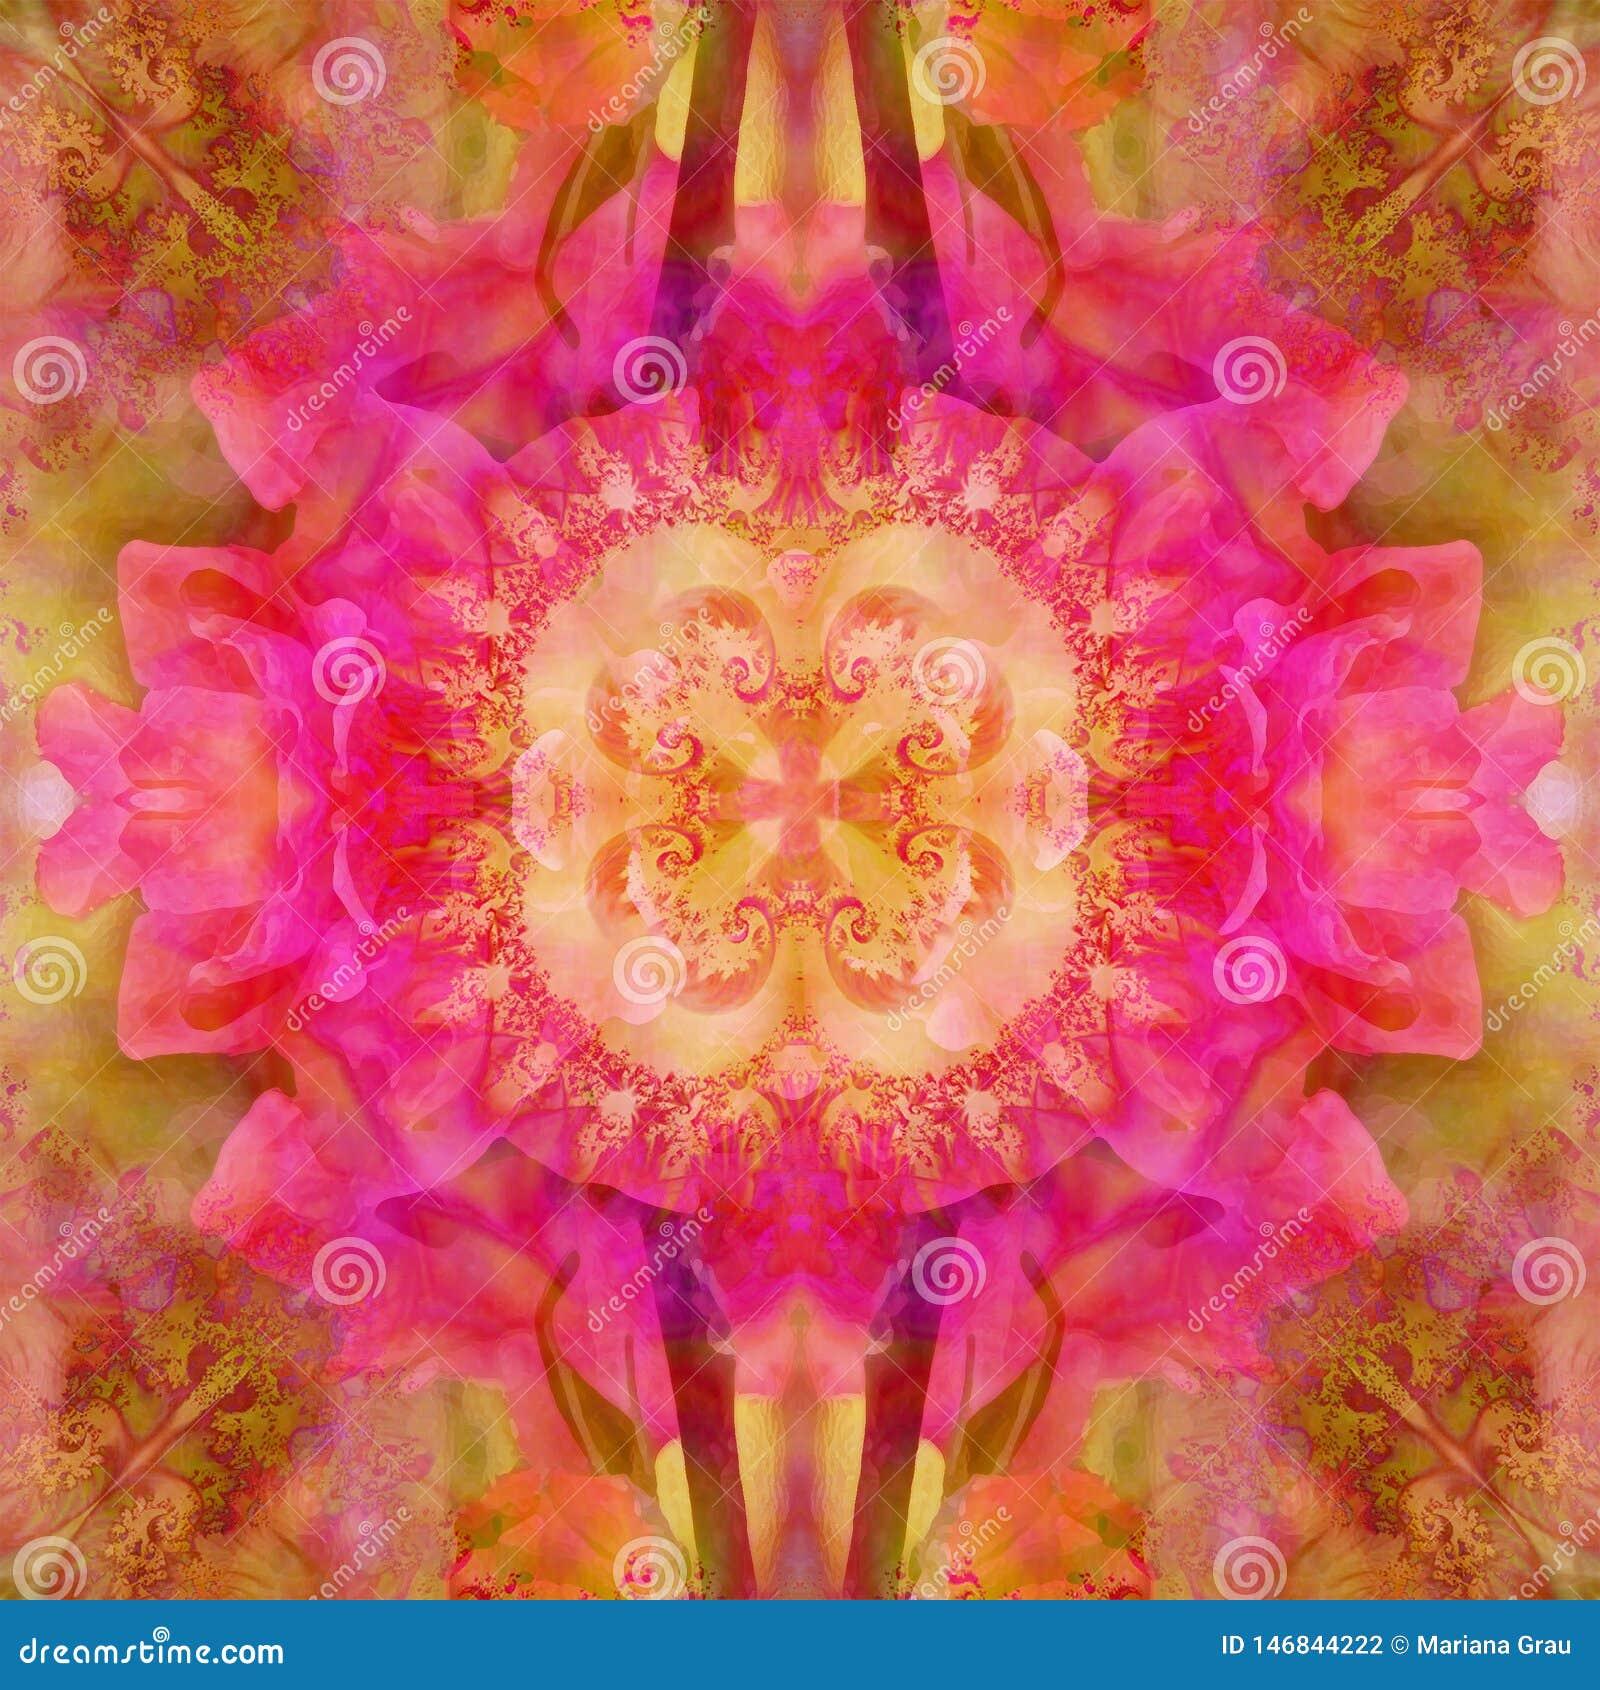 ŚRODKOWY kwiatu mandala Z ABSTRAKCJONISTYCZNYMI płatkami W menchiach, FRACTAL wizerunek W centrum Rocznika wizerunek